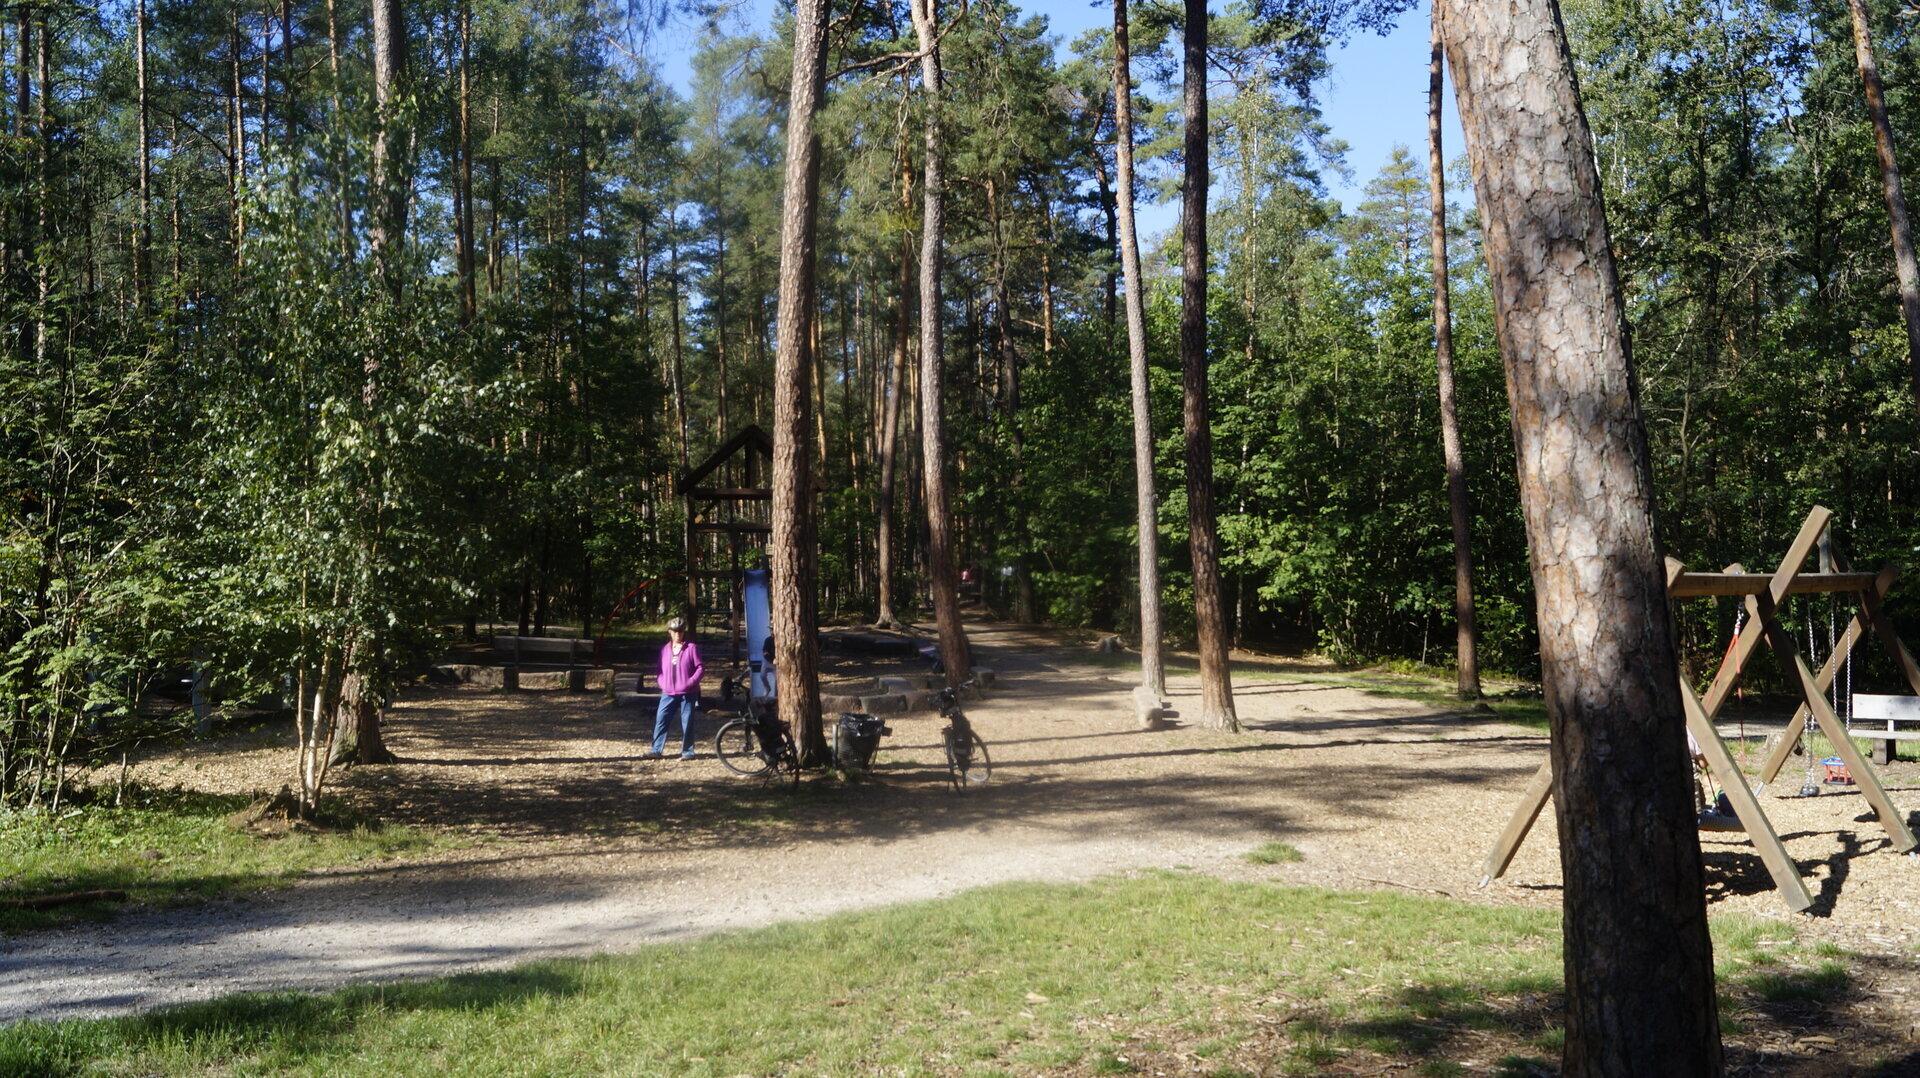 Auf dem Spielplatz im Wald